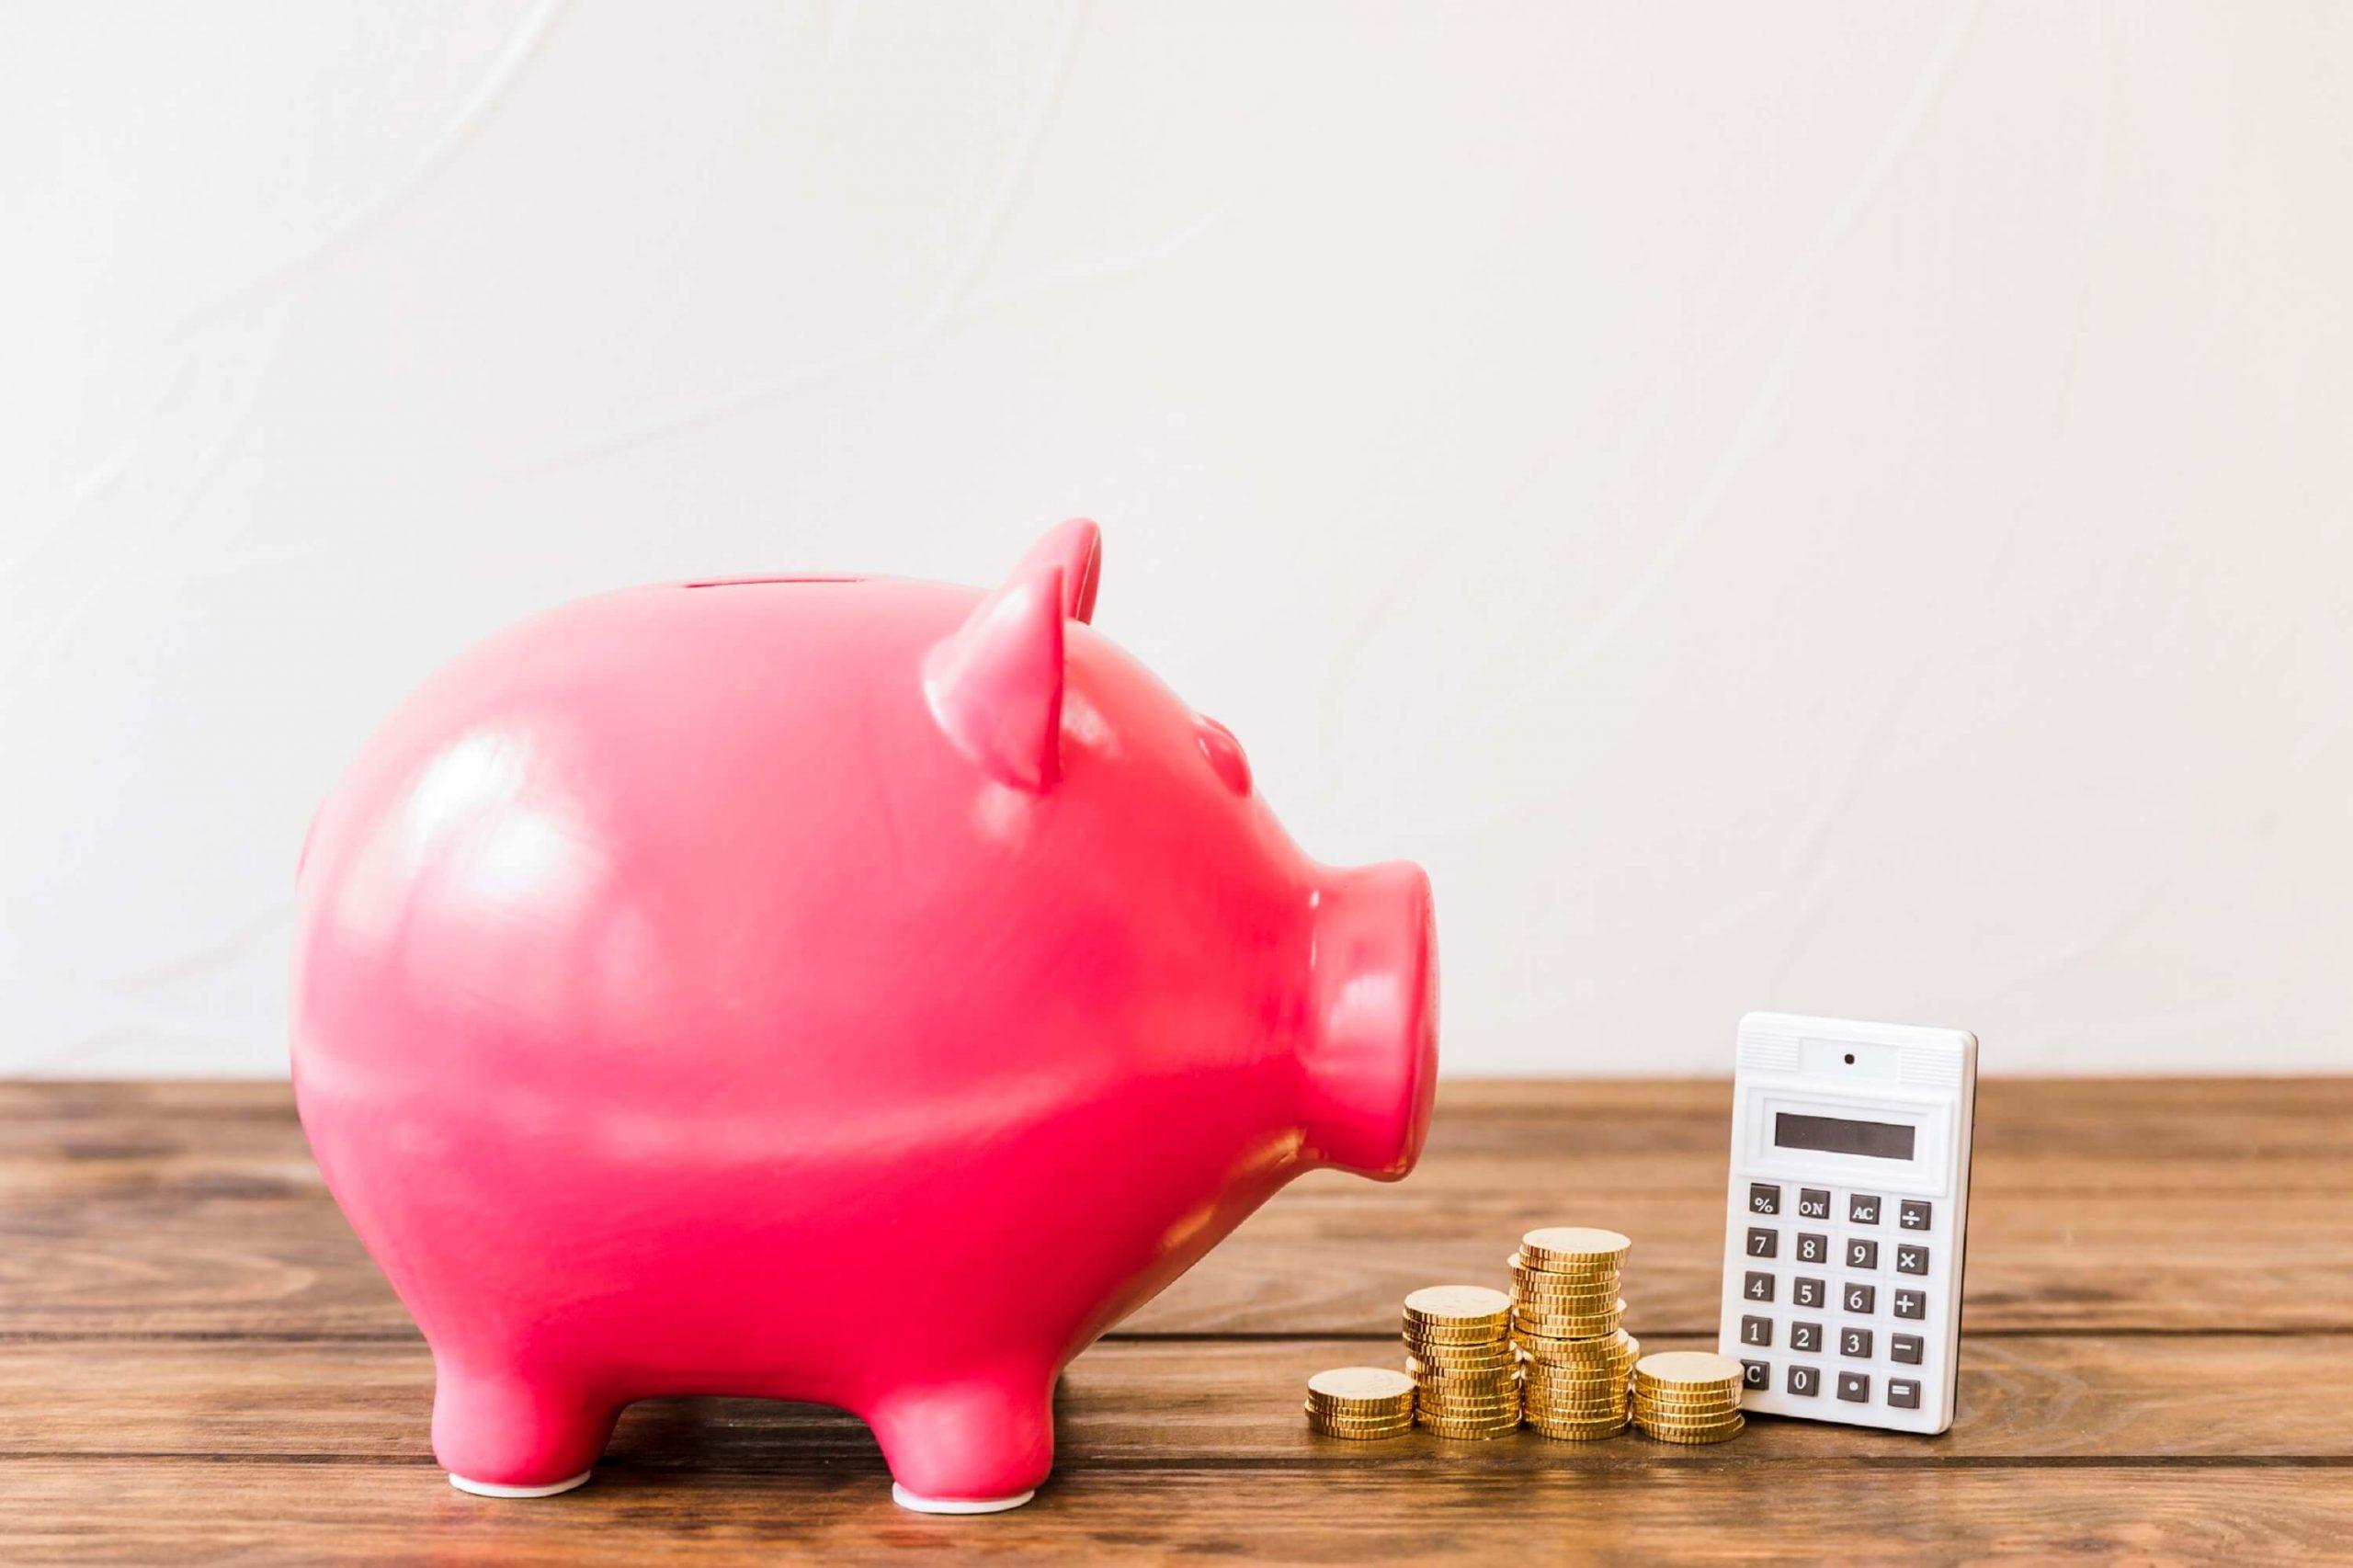 Por que mulheres pagam mais caro que os homens pelos mesmos produtos? 23